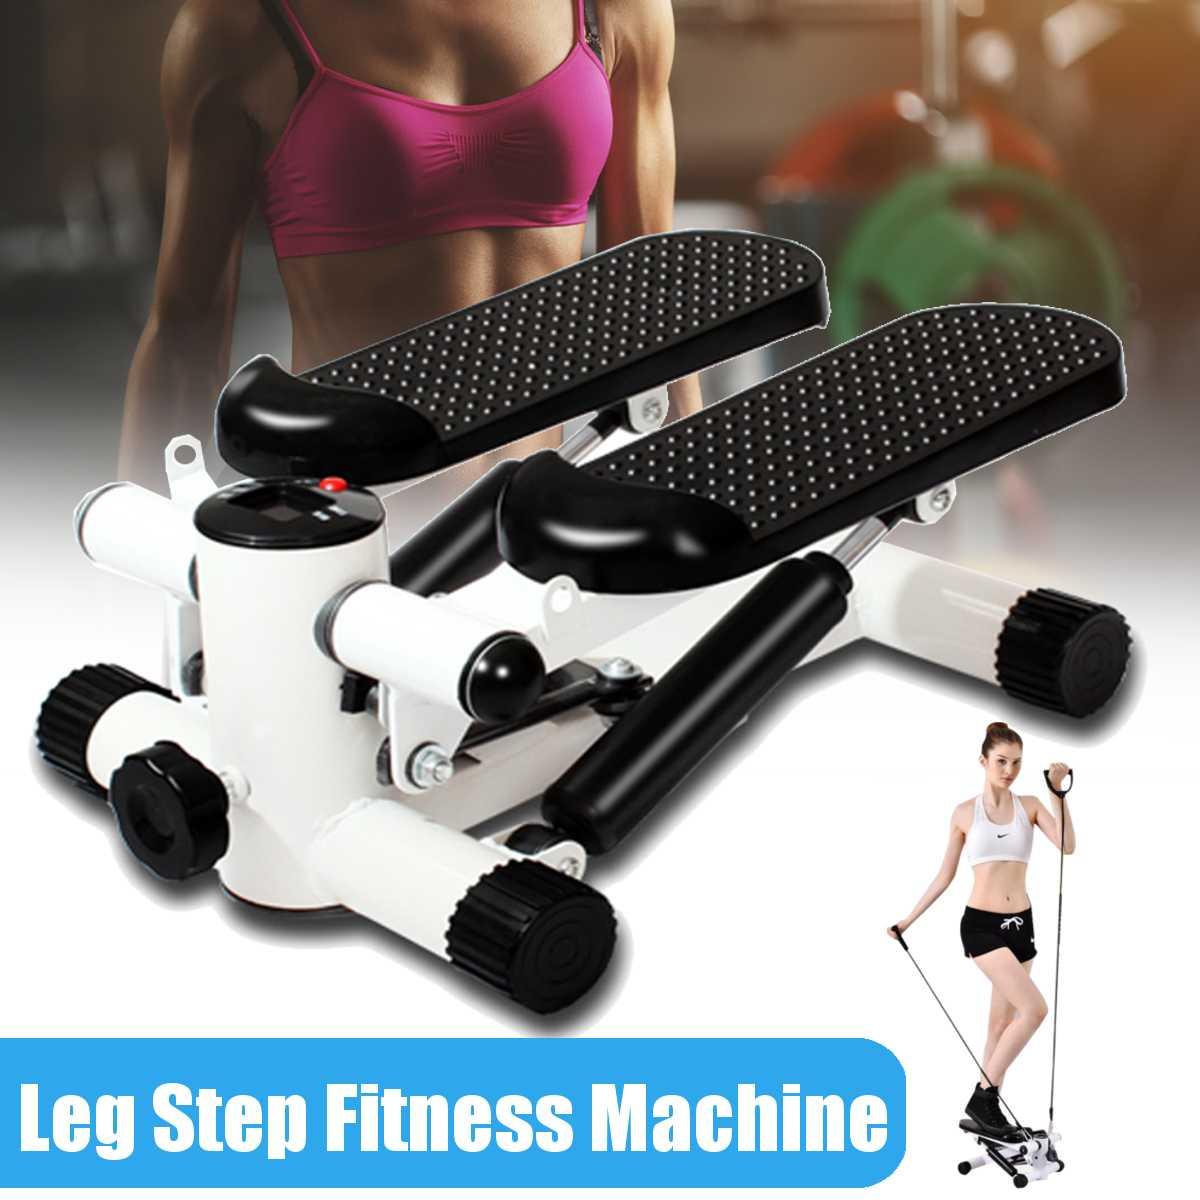 Тренажеры для бега, спортивные многофункциональные мини-беговые дорожки, оснащенные бесшумными домашними педалями для похудения, фитнес-о...